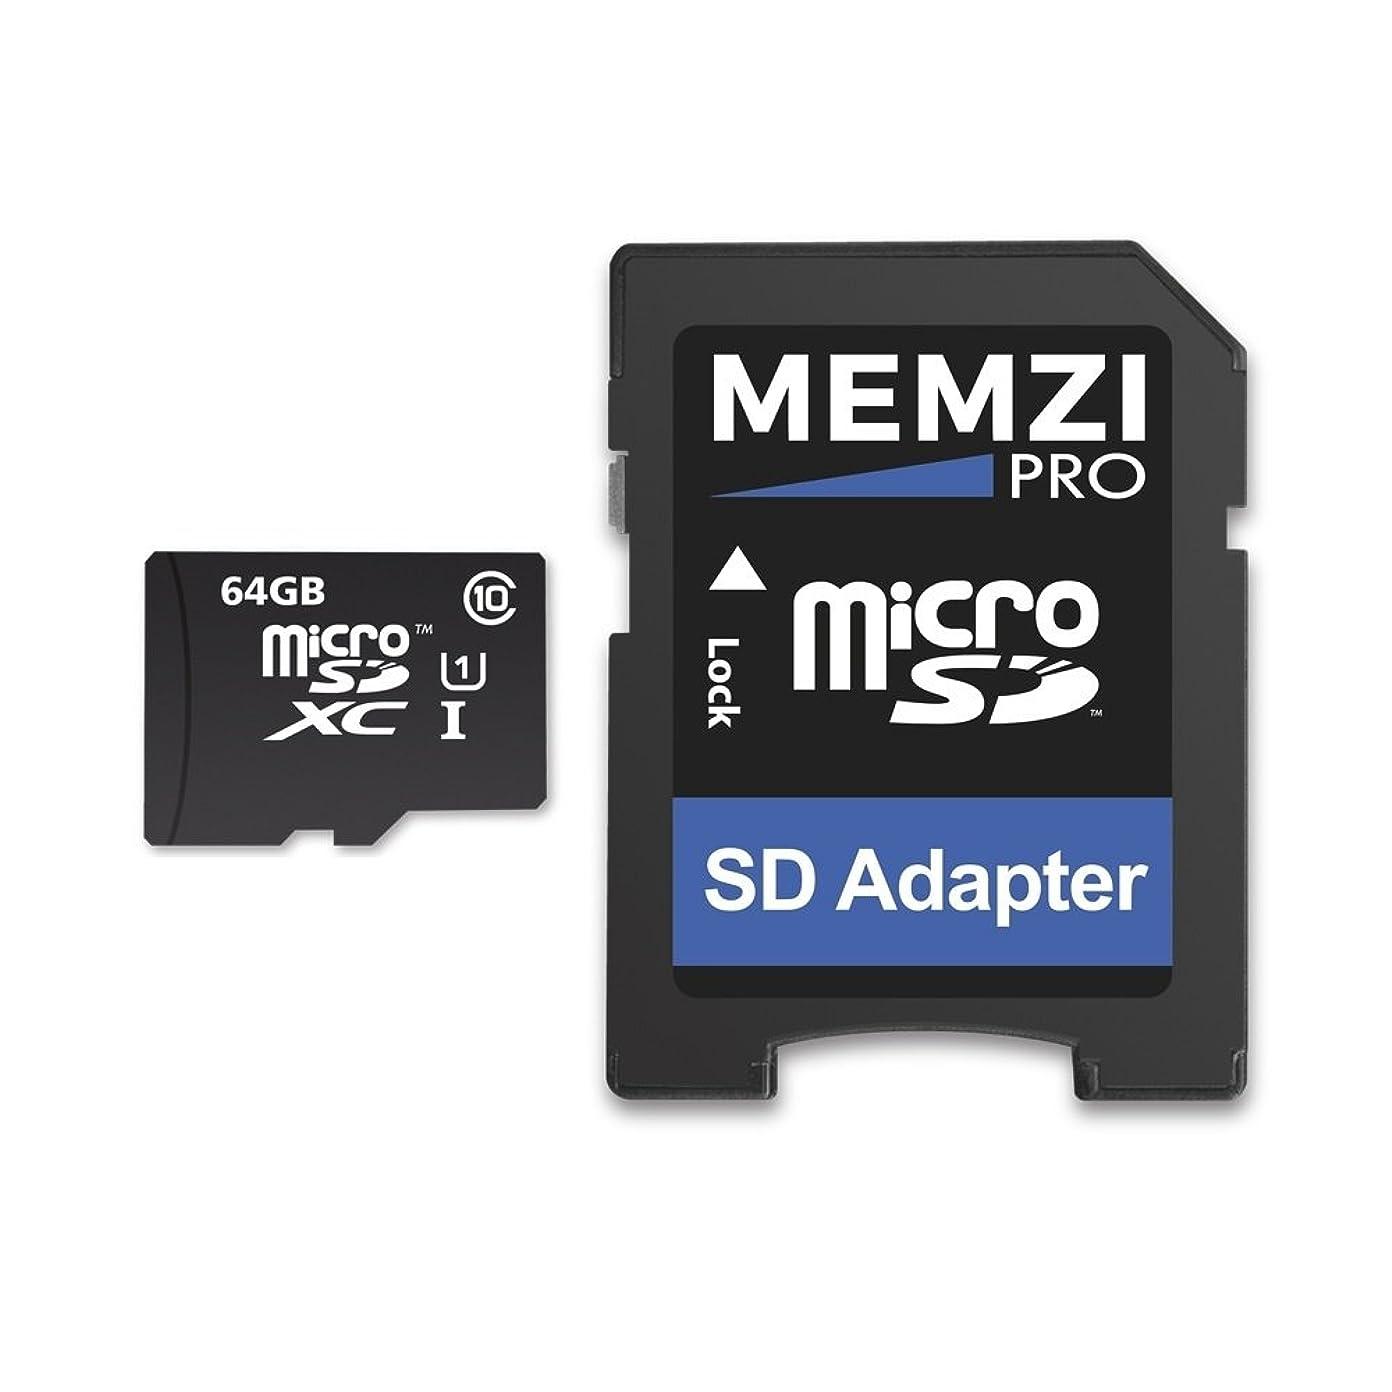 補償に渡って暖かくMEMZI PRO 64GB Class 10 90MB/s Micro SDXC メモリーカード SDアダプター付き Alcatel 7 Tetra IdealXTRA Cameox Onyx Verso Pulsemix 携帯電話用